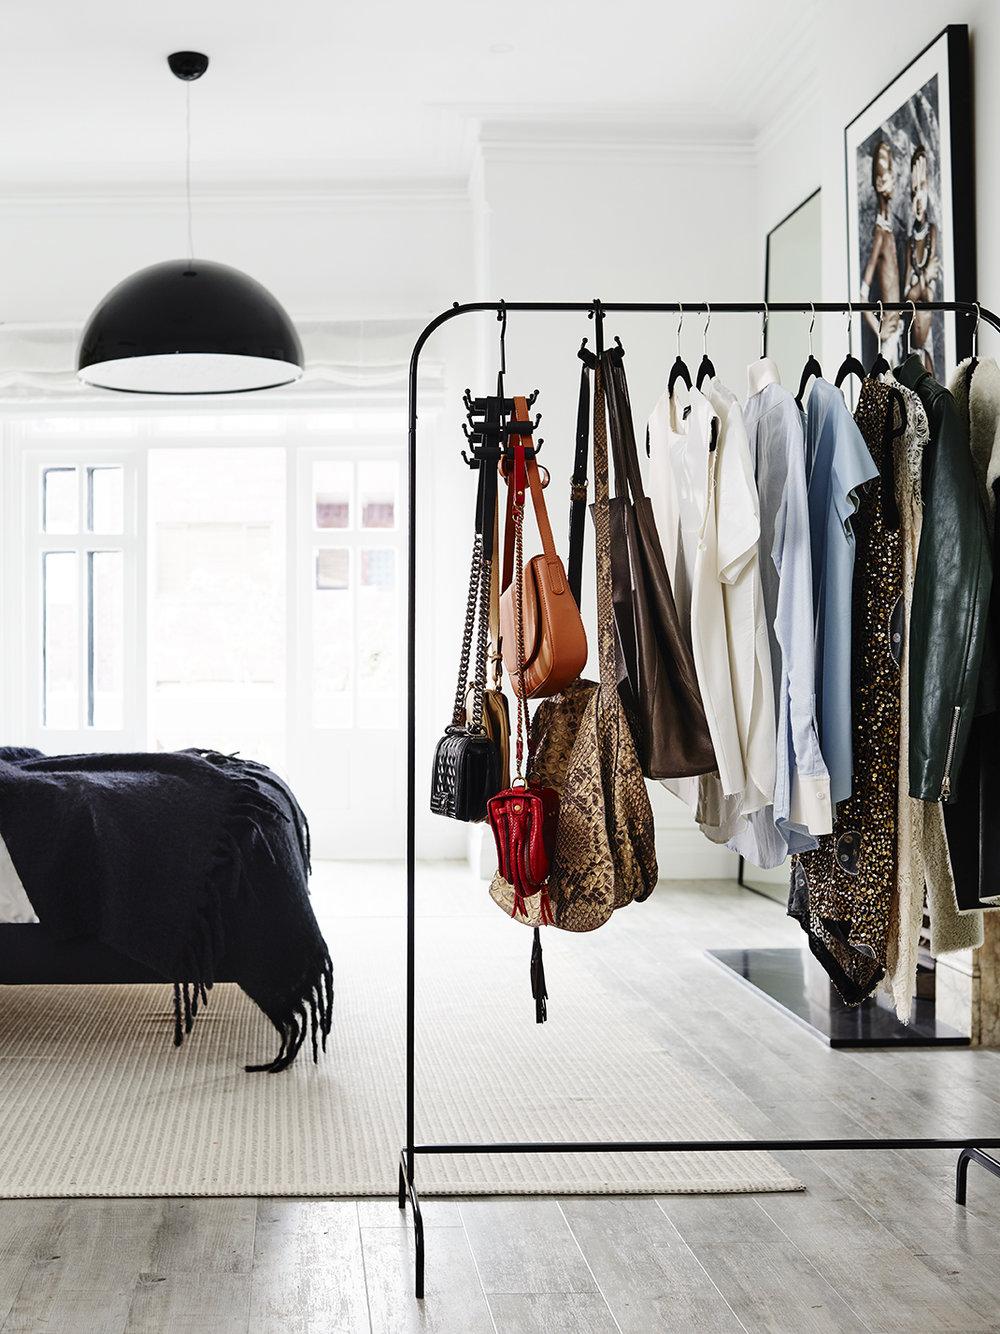 The_Handbag_Hanger_120916_163355V.jpg